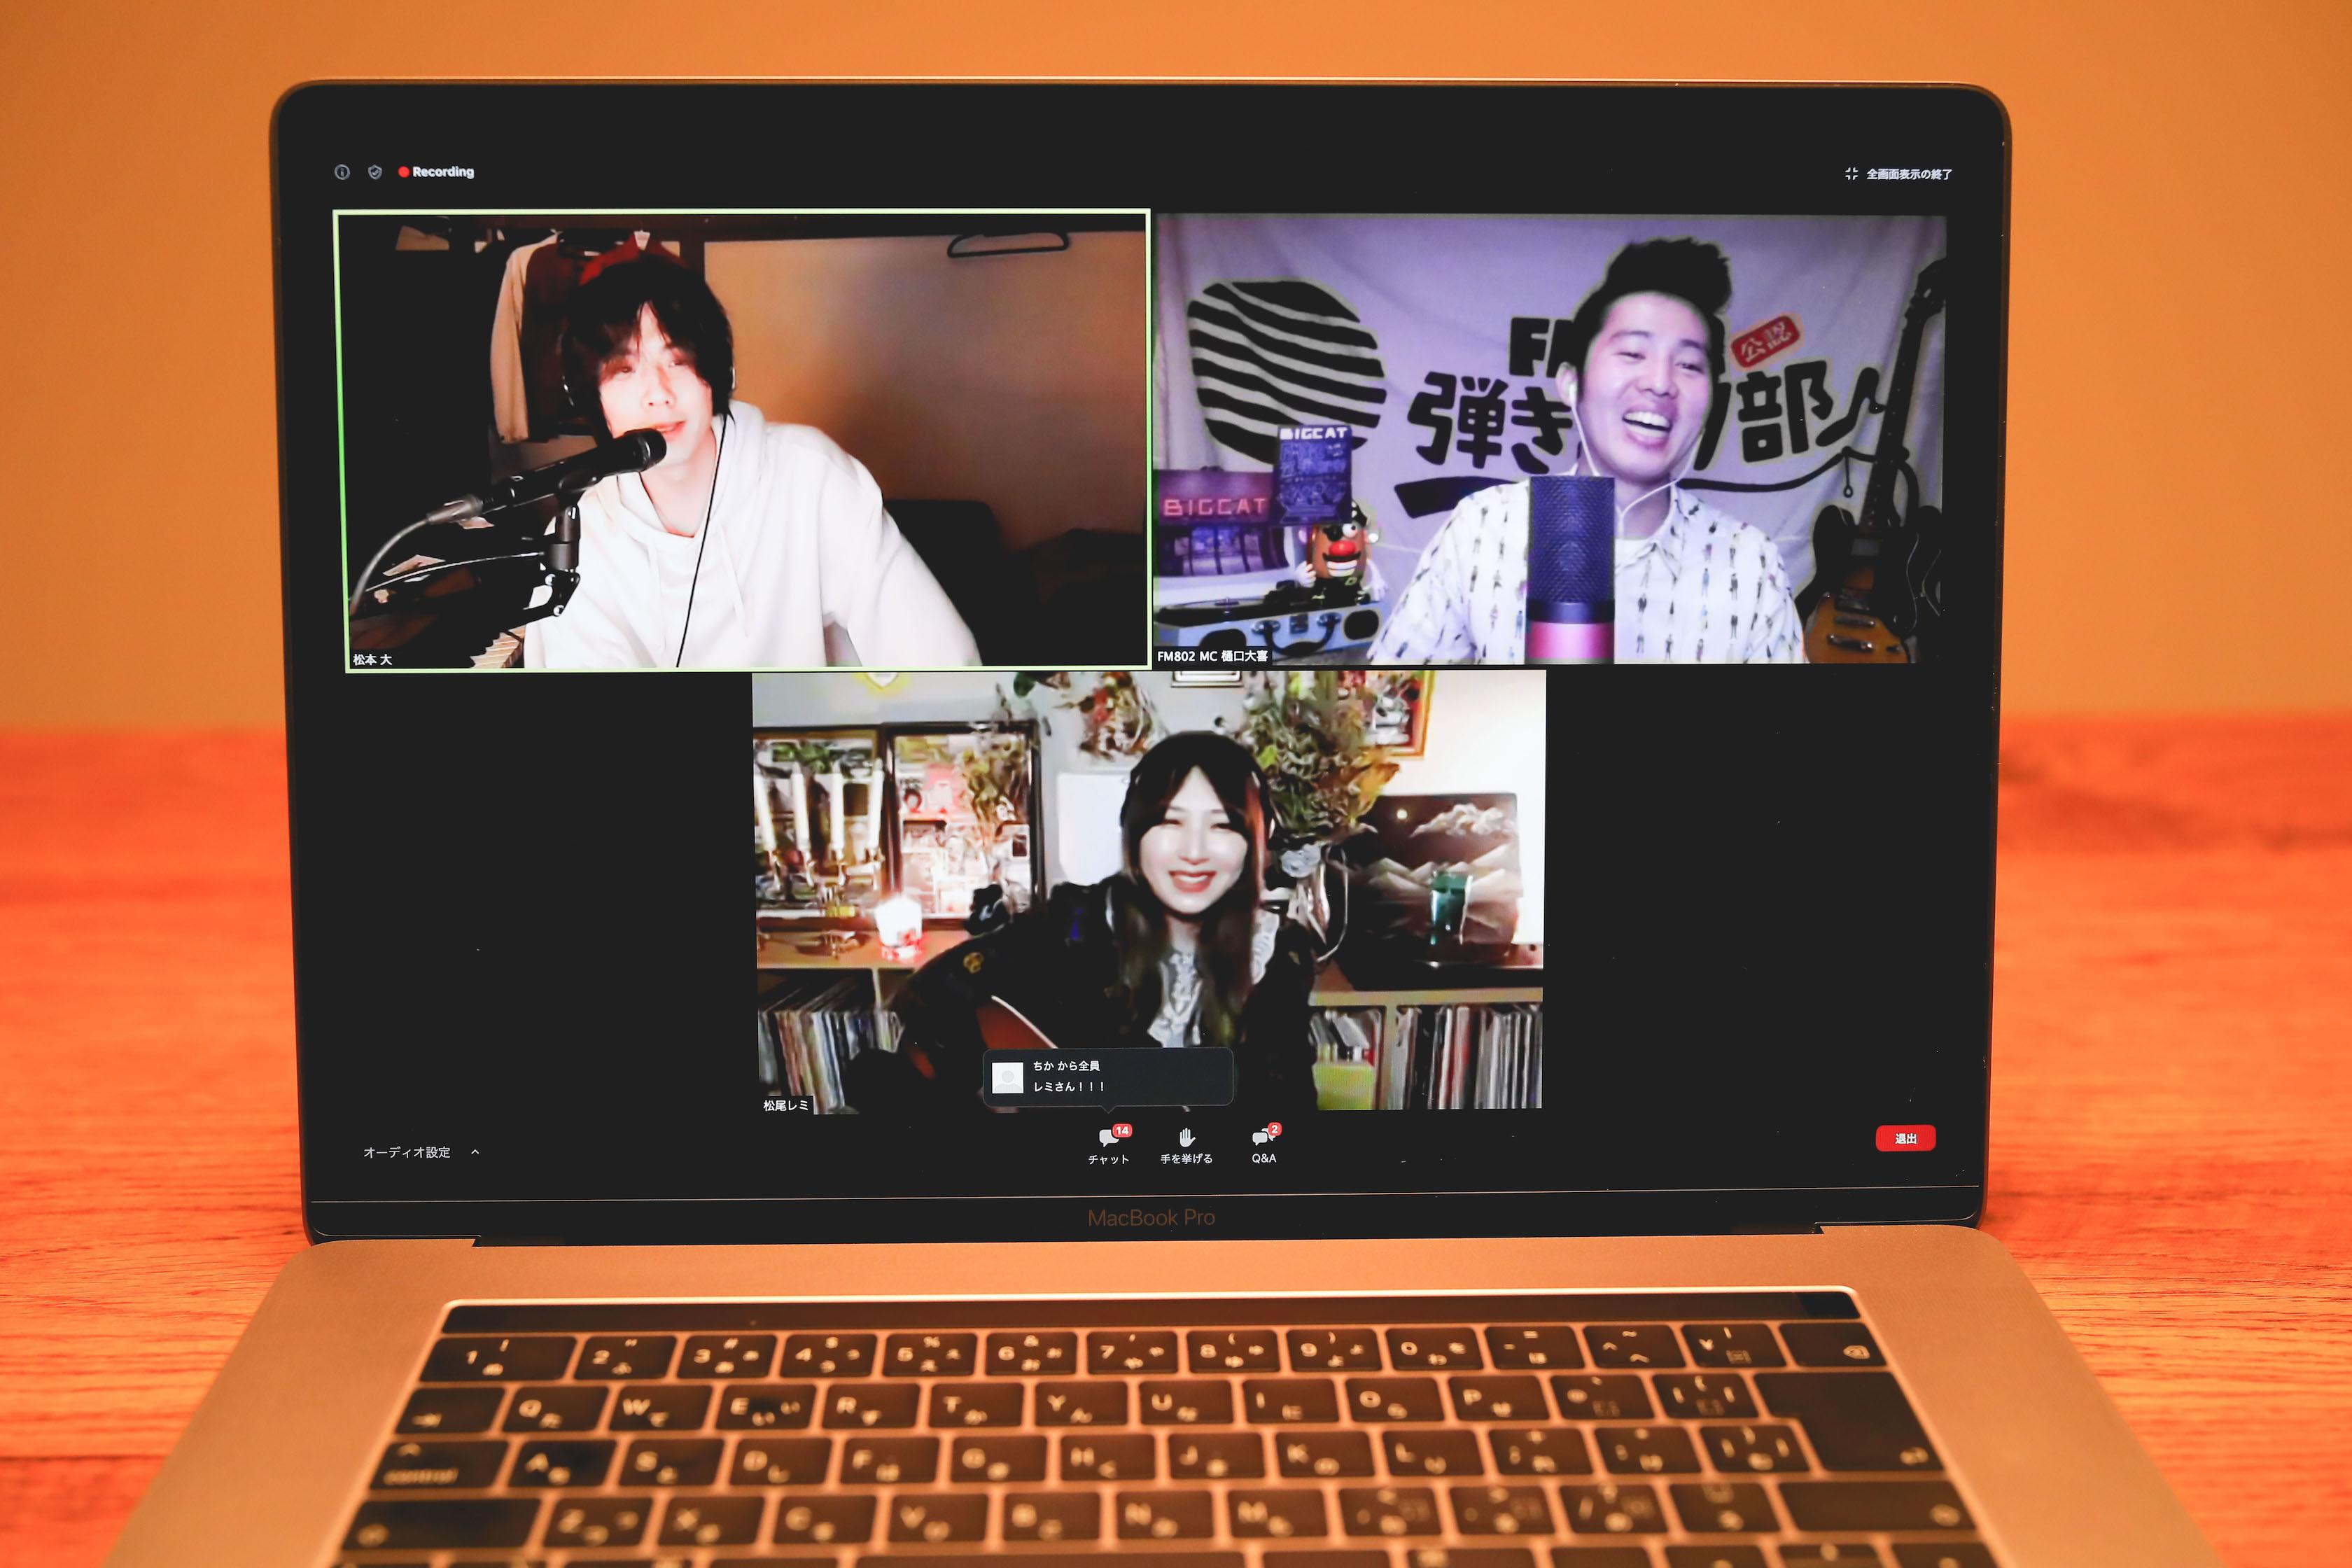 『FM802弾き語り部 リモート編♪vol.2-at #オンラインライブハウス_仮-』